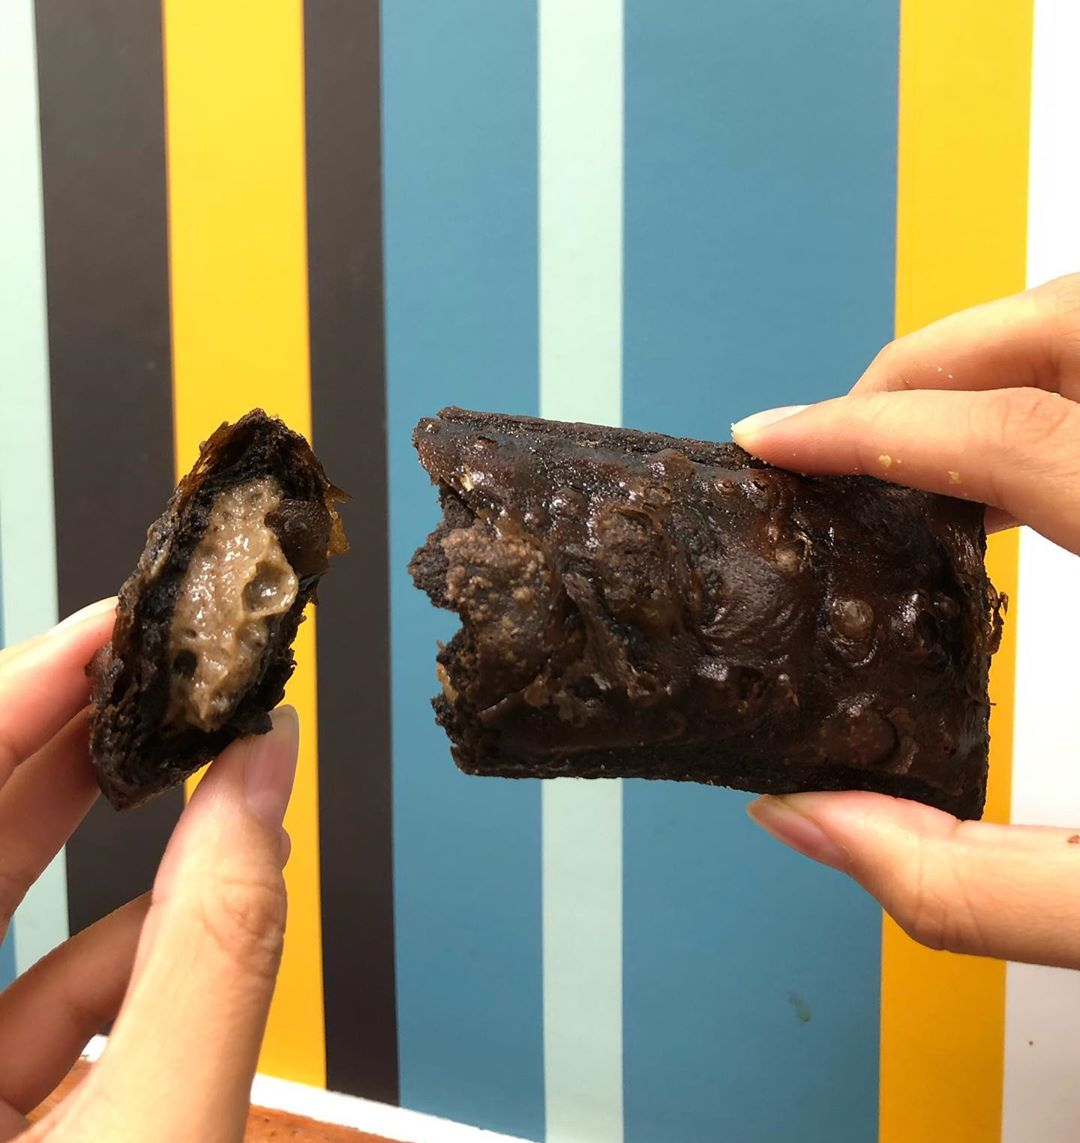 馬國麥當勞首推「冰炫風奶油派」太犯規 內餡「滿滿OREO碎片」吃過最讚的!